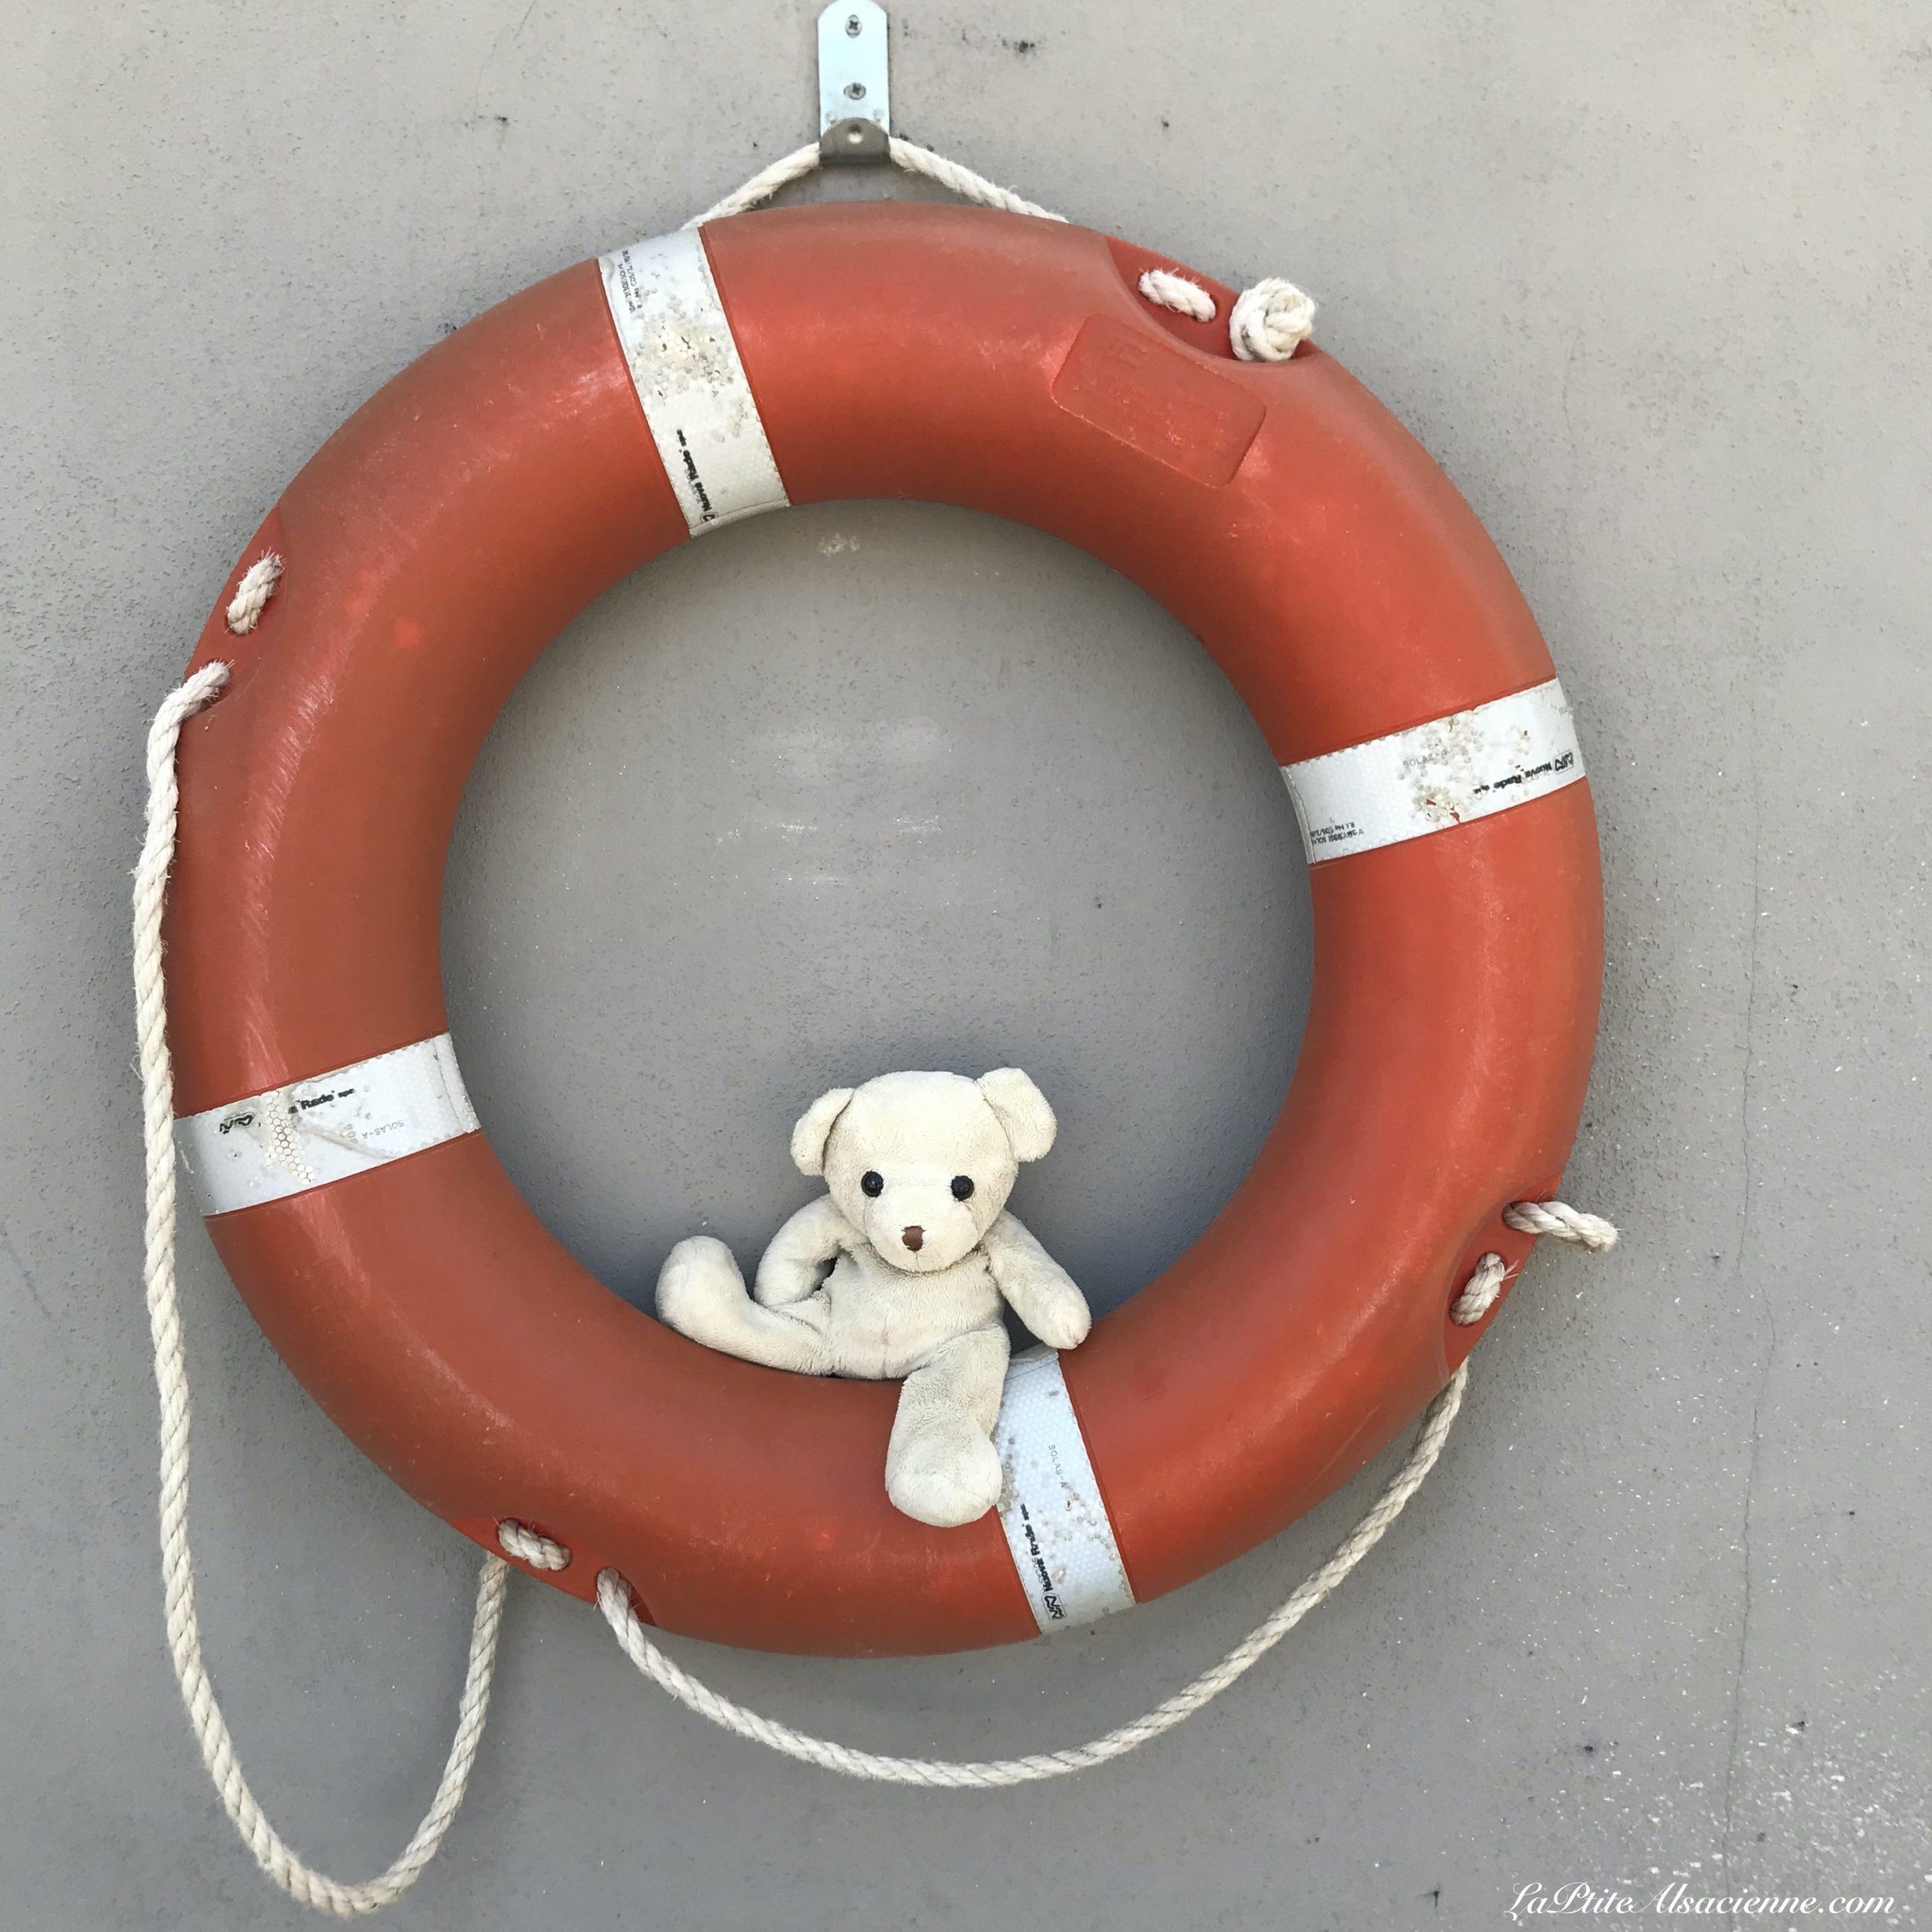 Doudou Sans Nom prend le large et pars en vacances à la mer